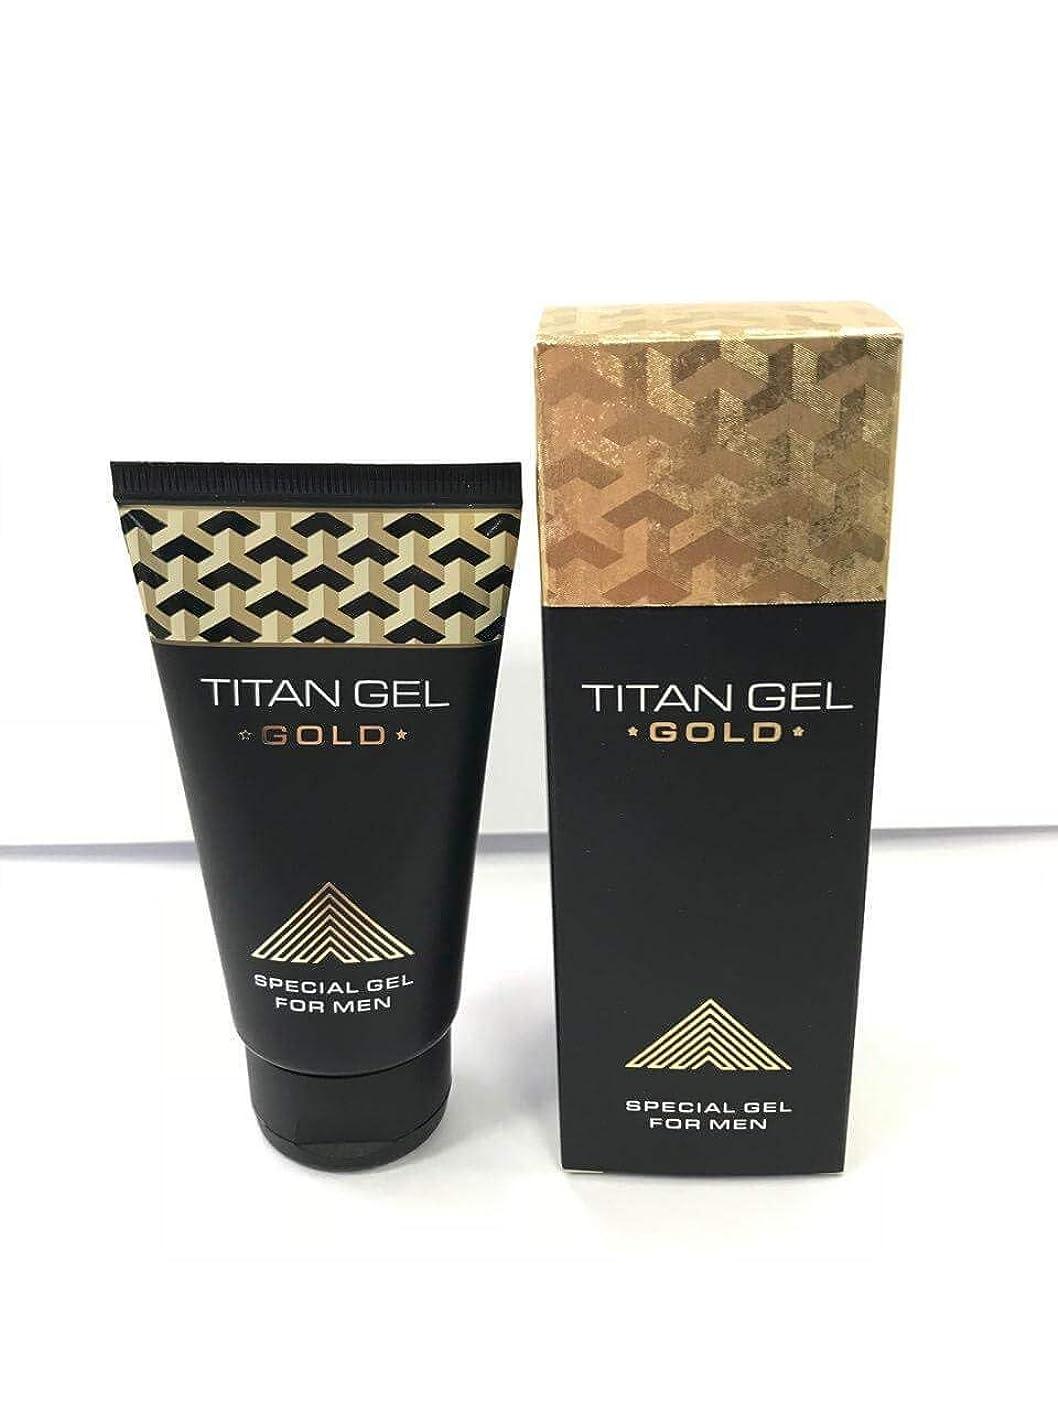 放射するプライバシーびんタイタンジェル ゴールド オリジナルチタンゲルバージョンゴールド Titan gel Gold 50 ml.